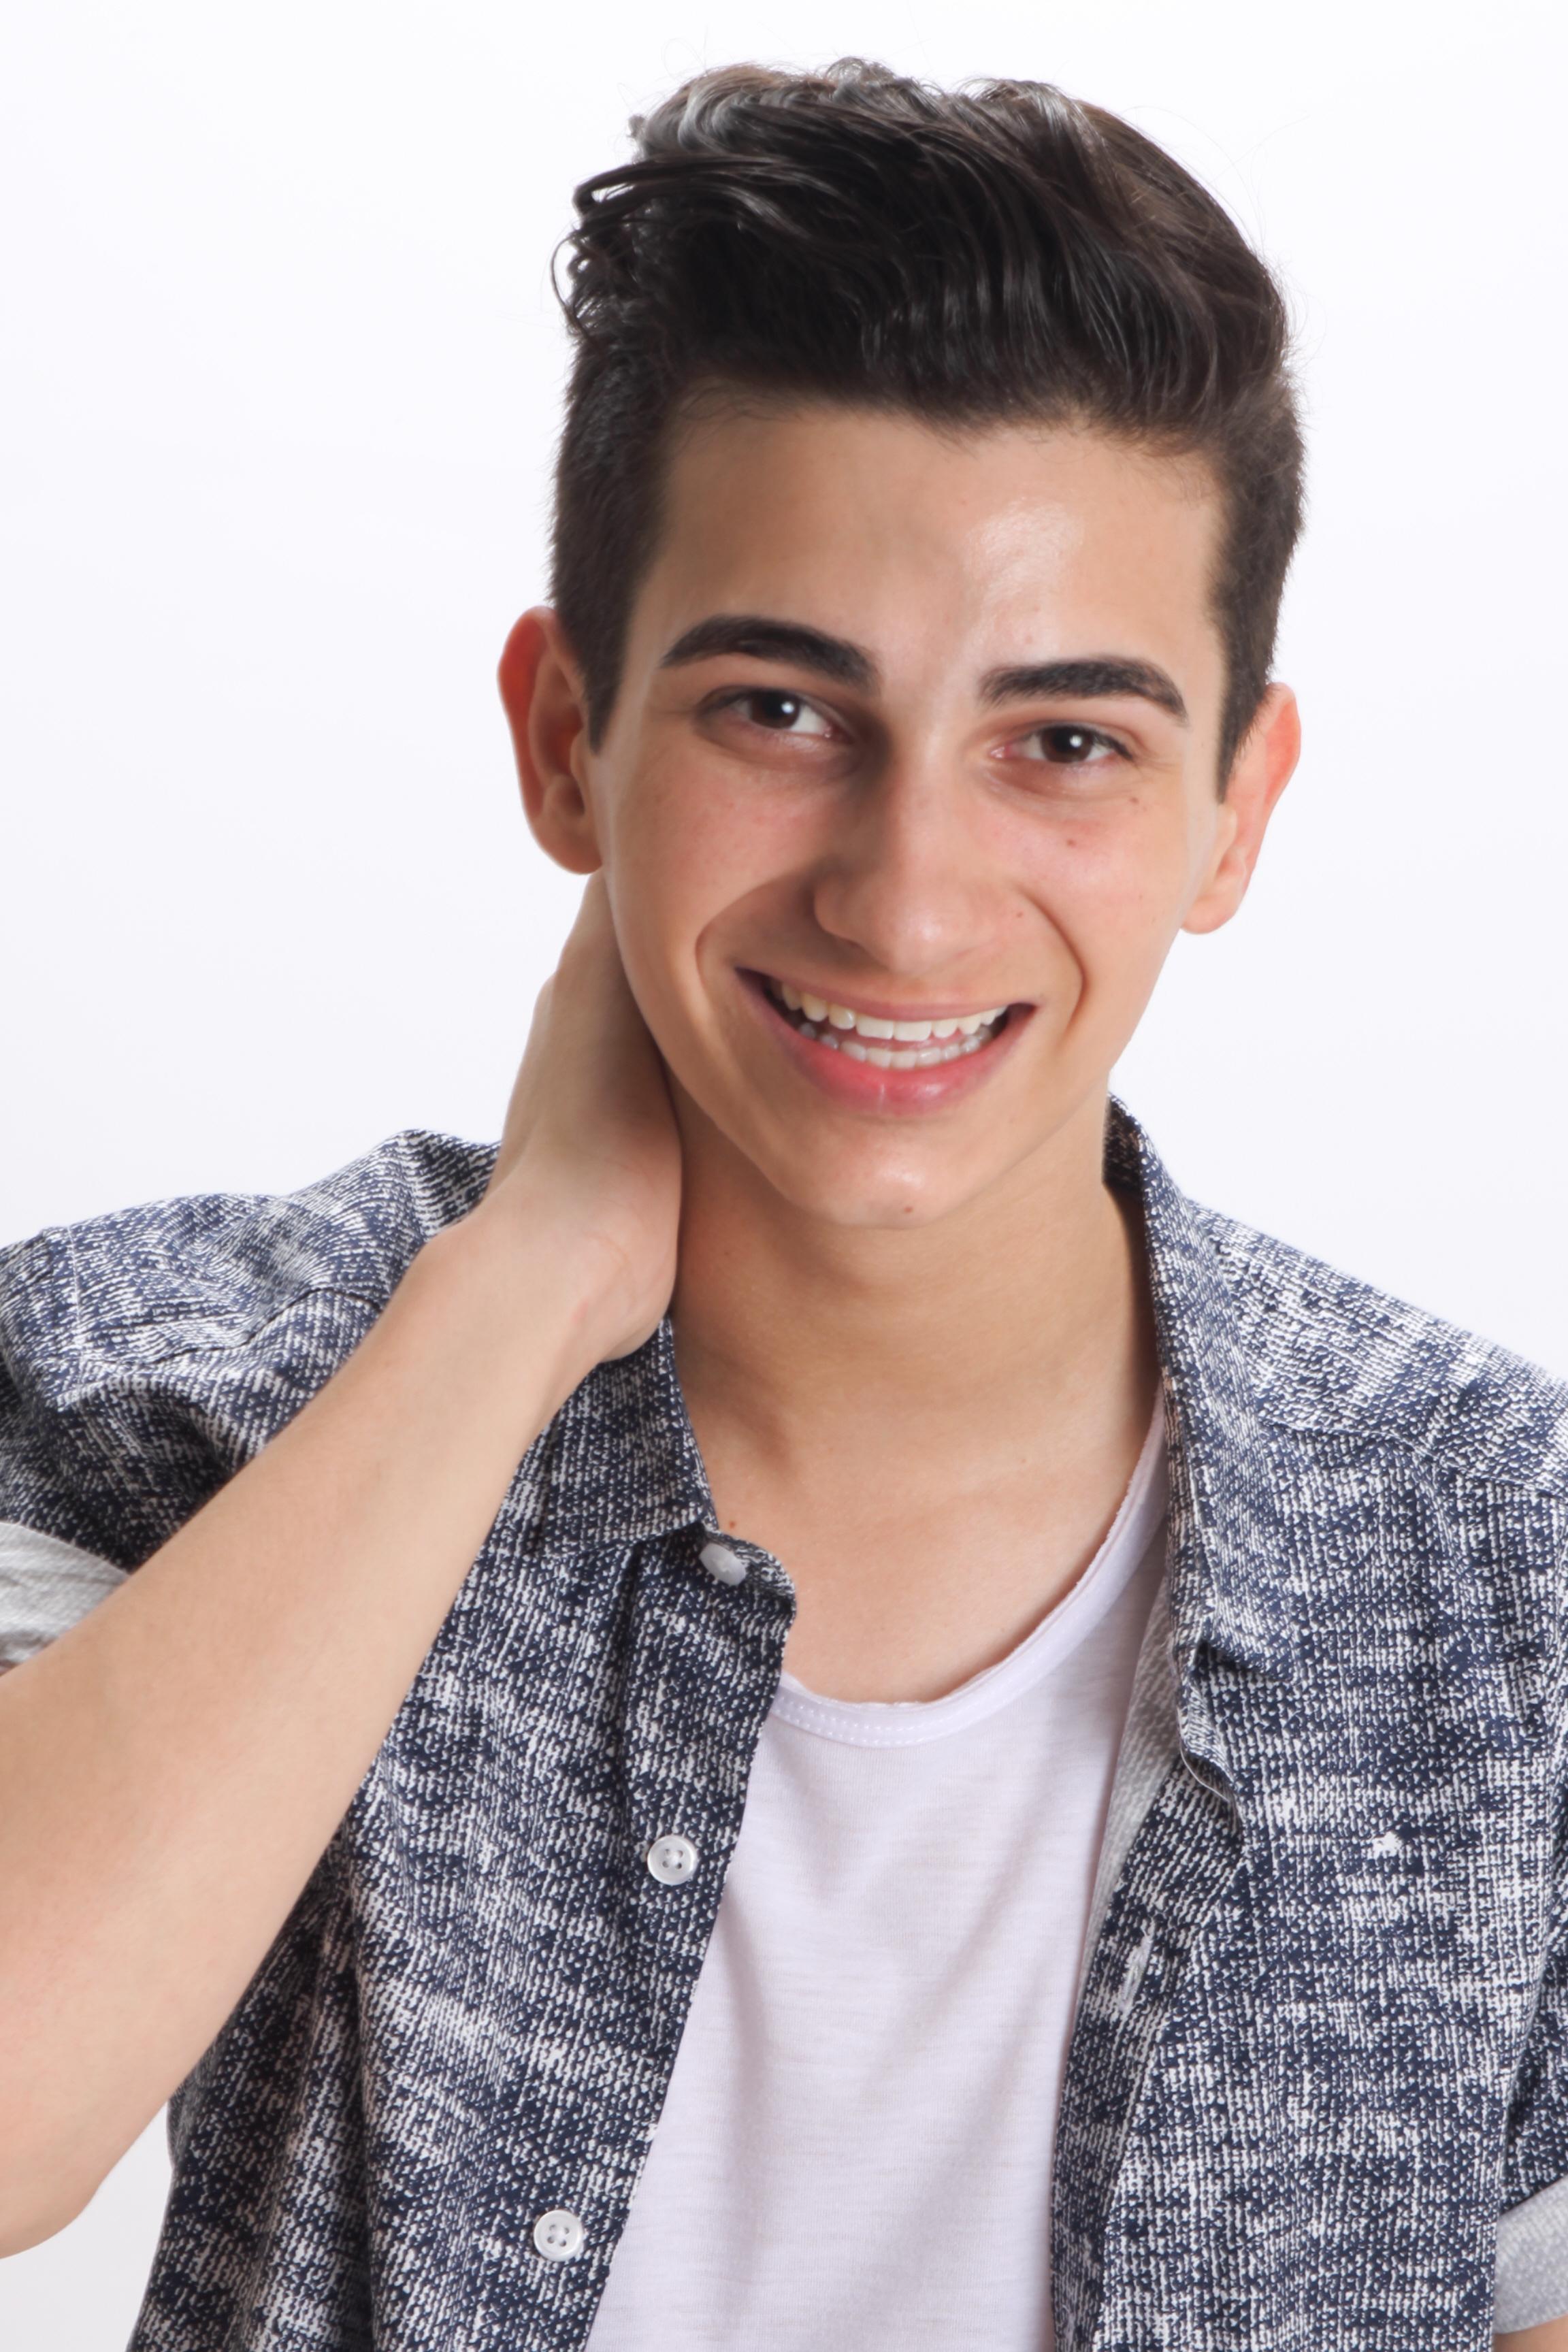 Nick Drossos